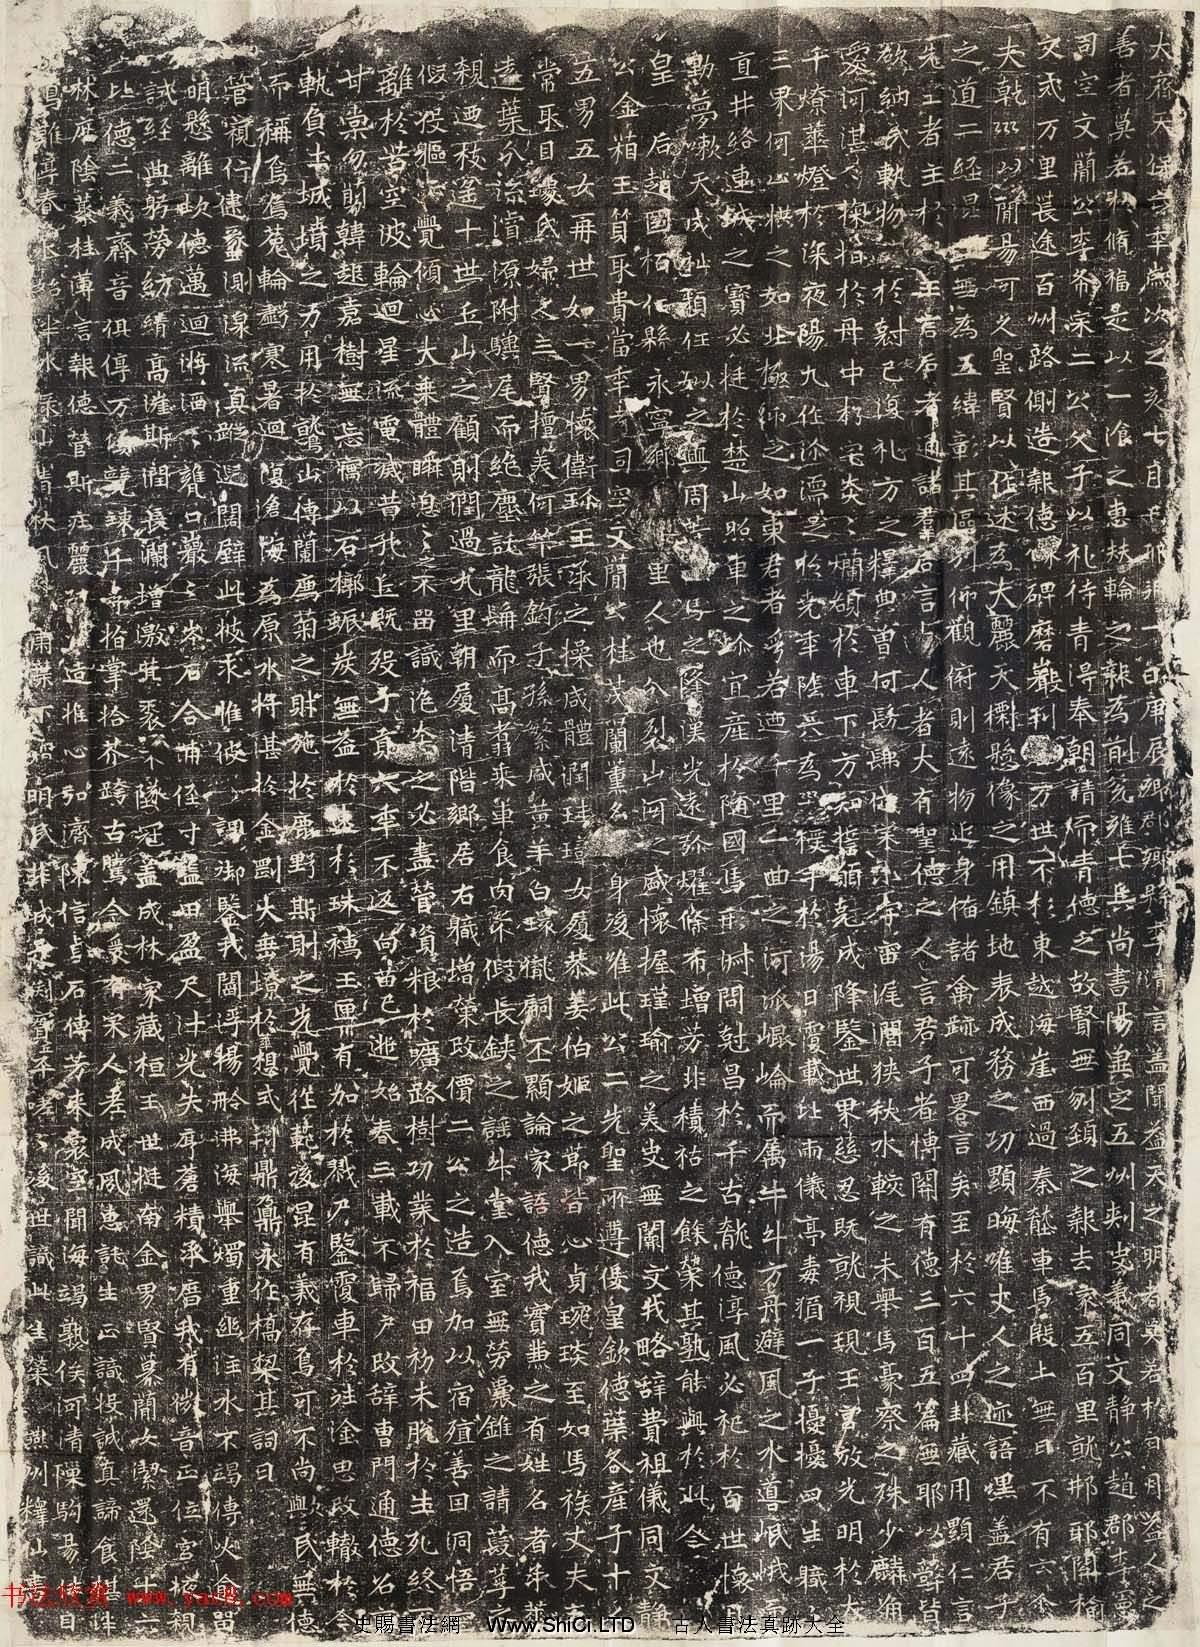 北齊摩崖石刻真跡欣賞釋仙書報德像碑(共3張圖片)